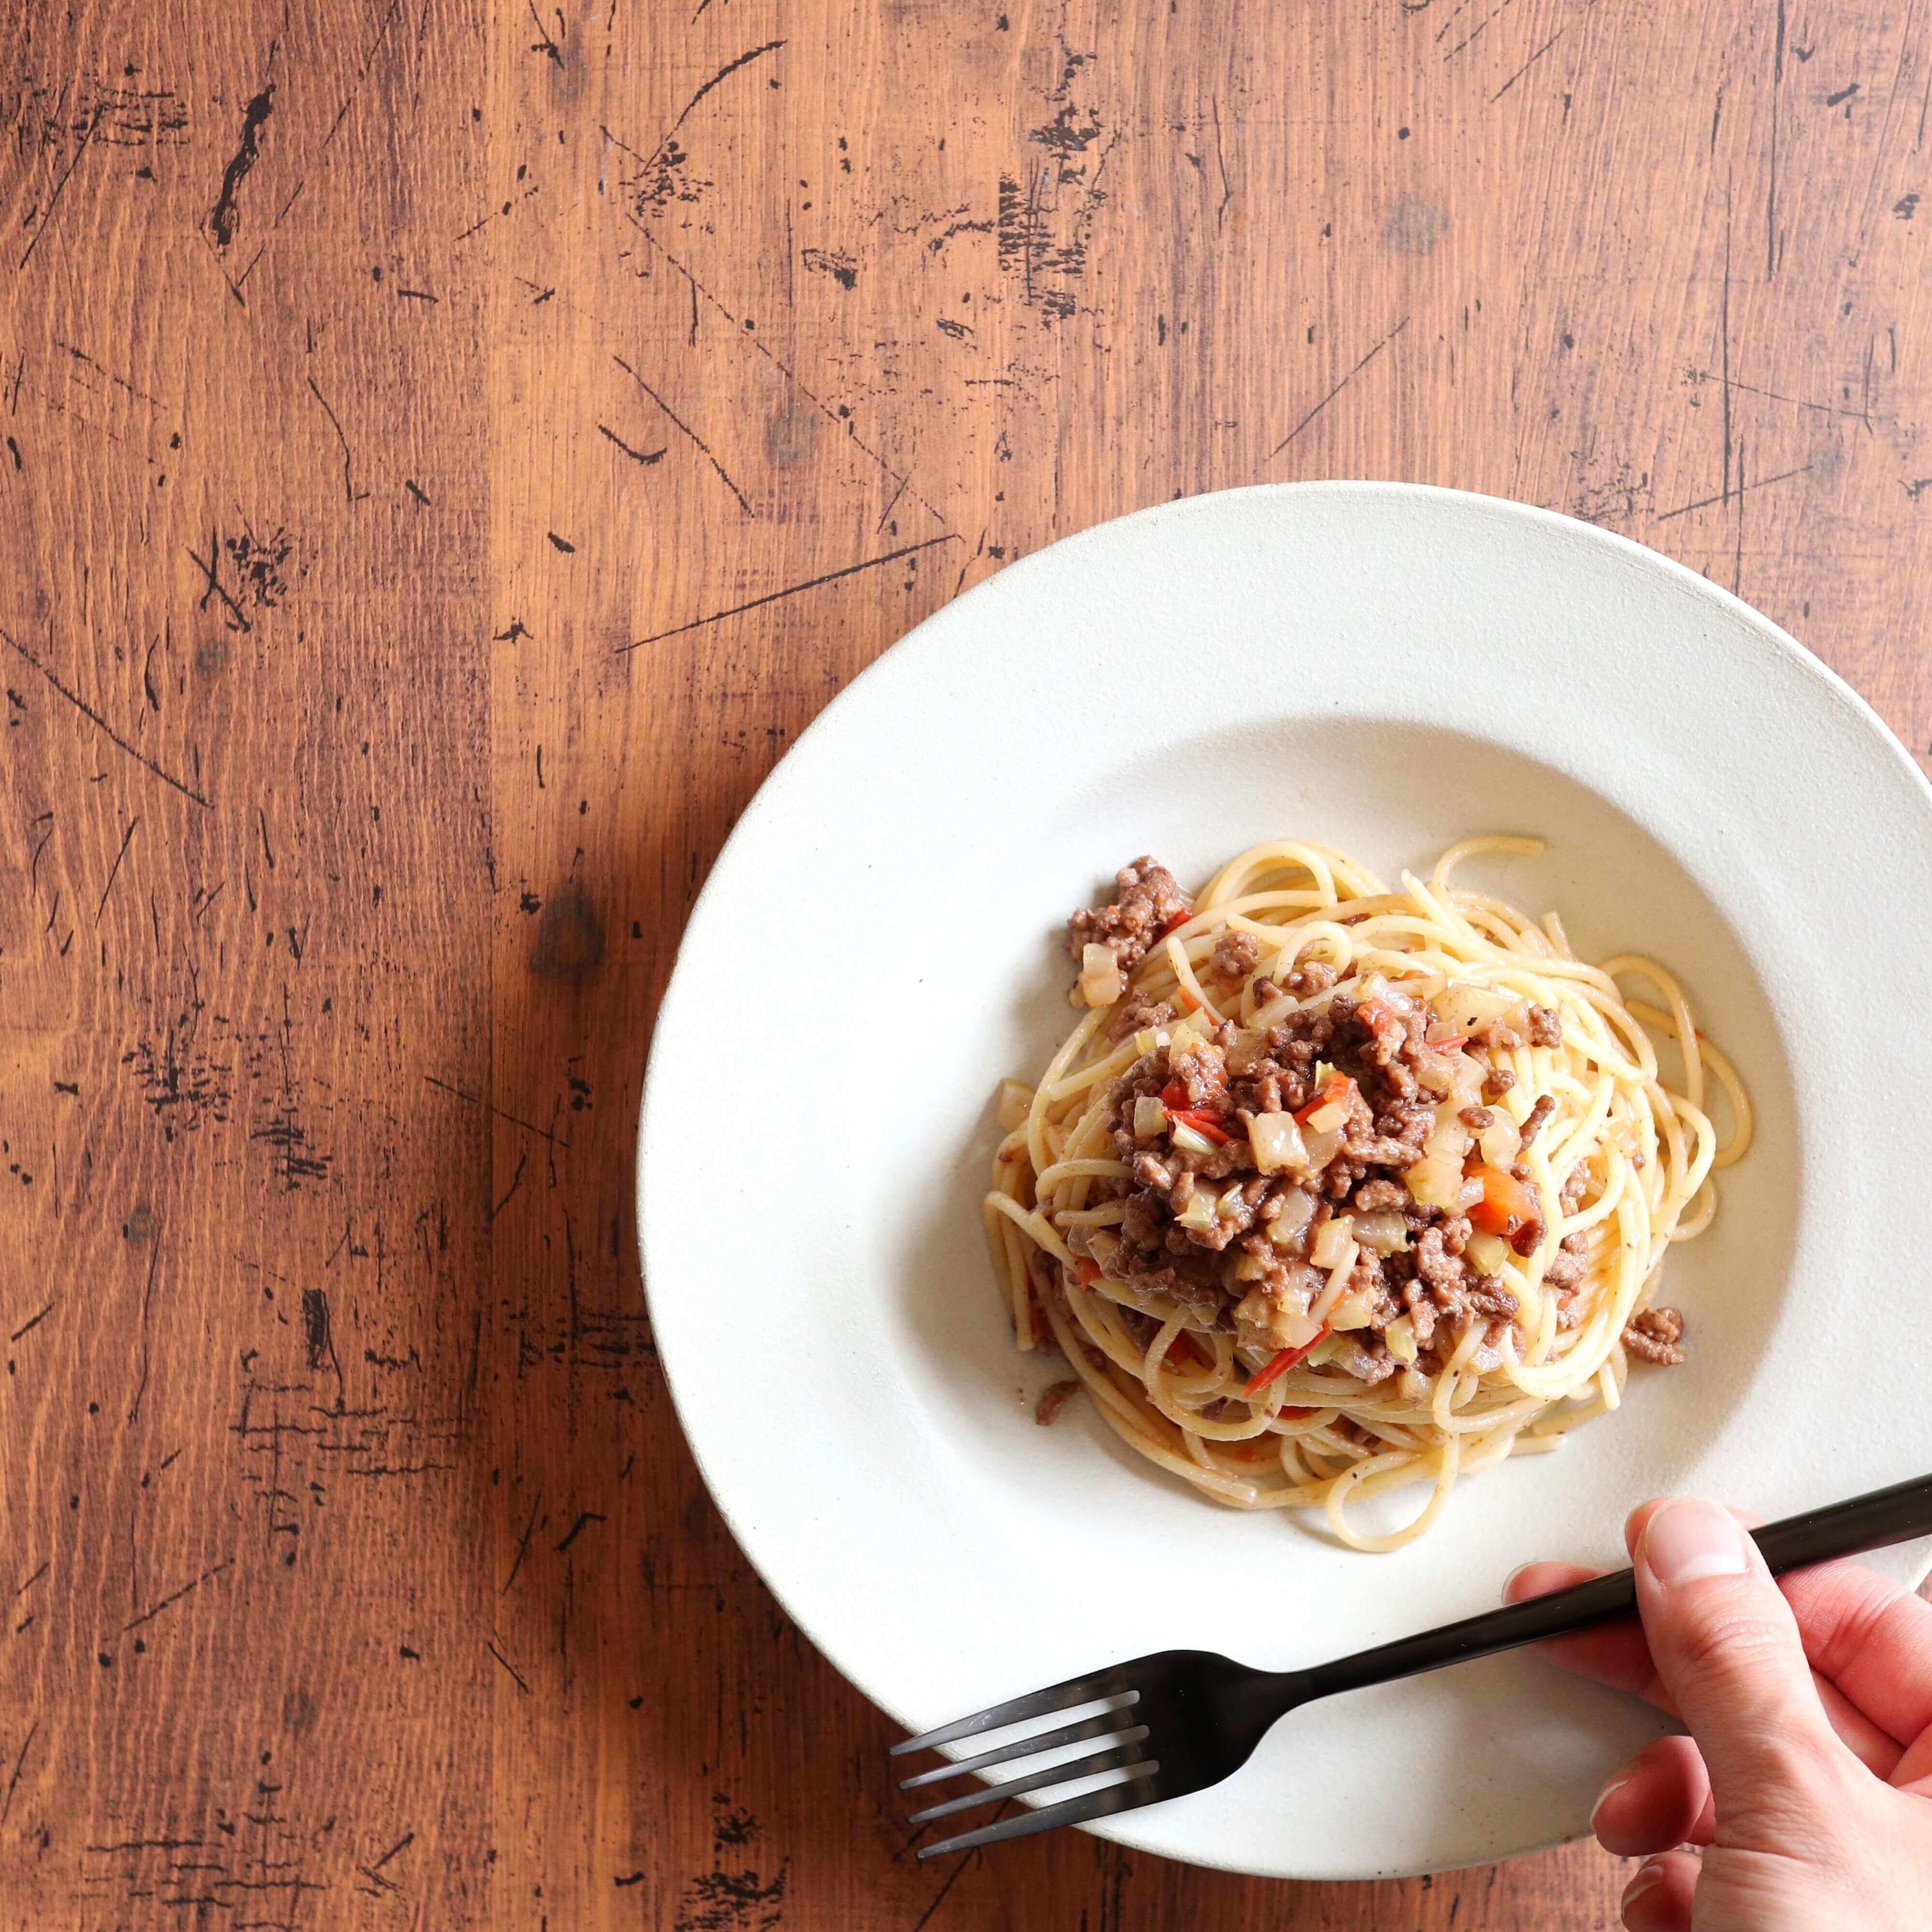 【絶品!】挽肉と余り野菜のパスタのレシピ